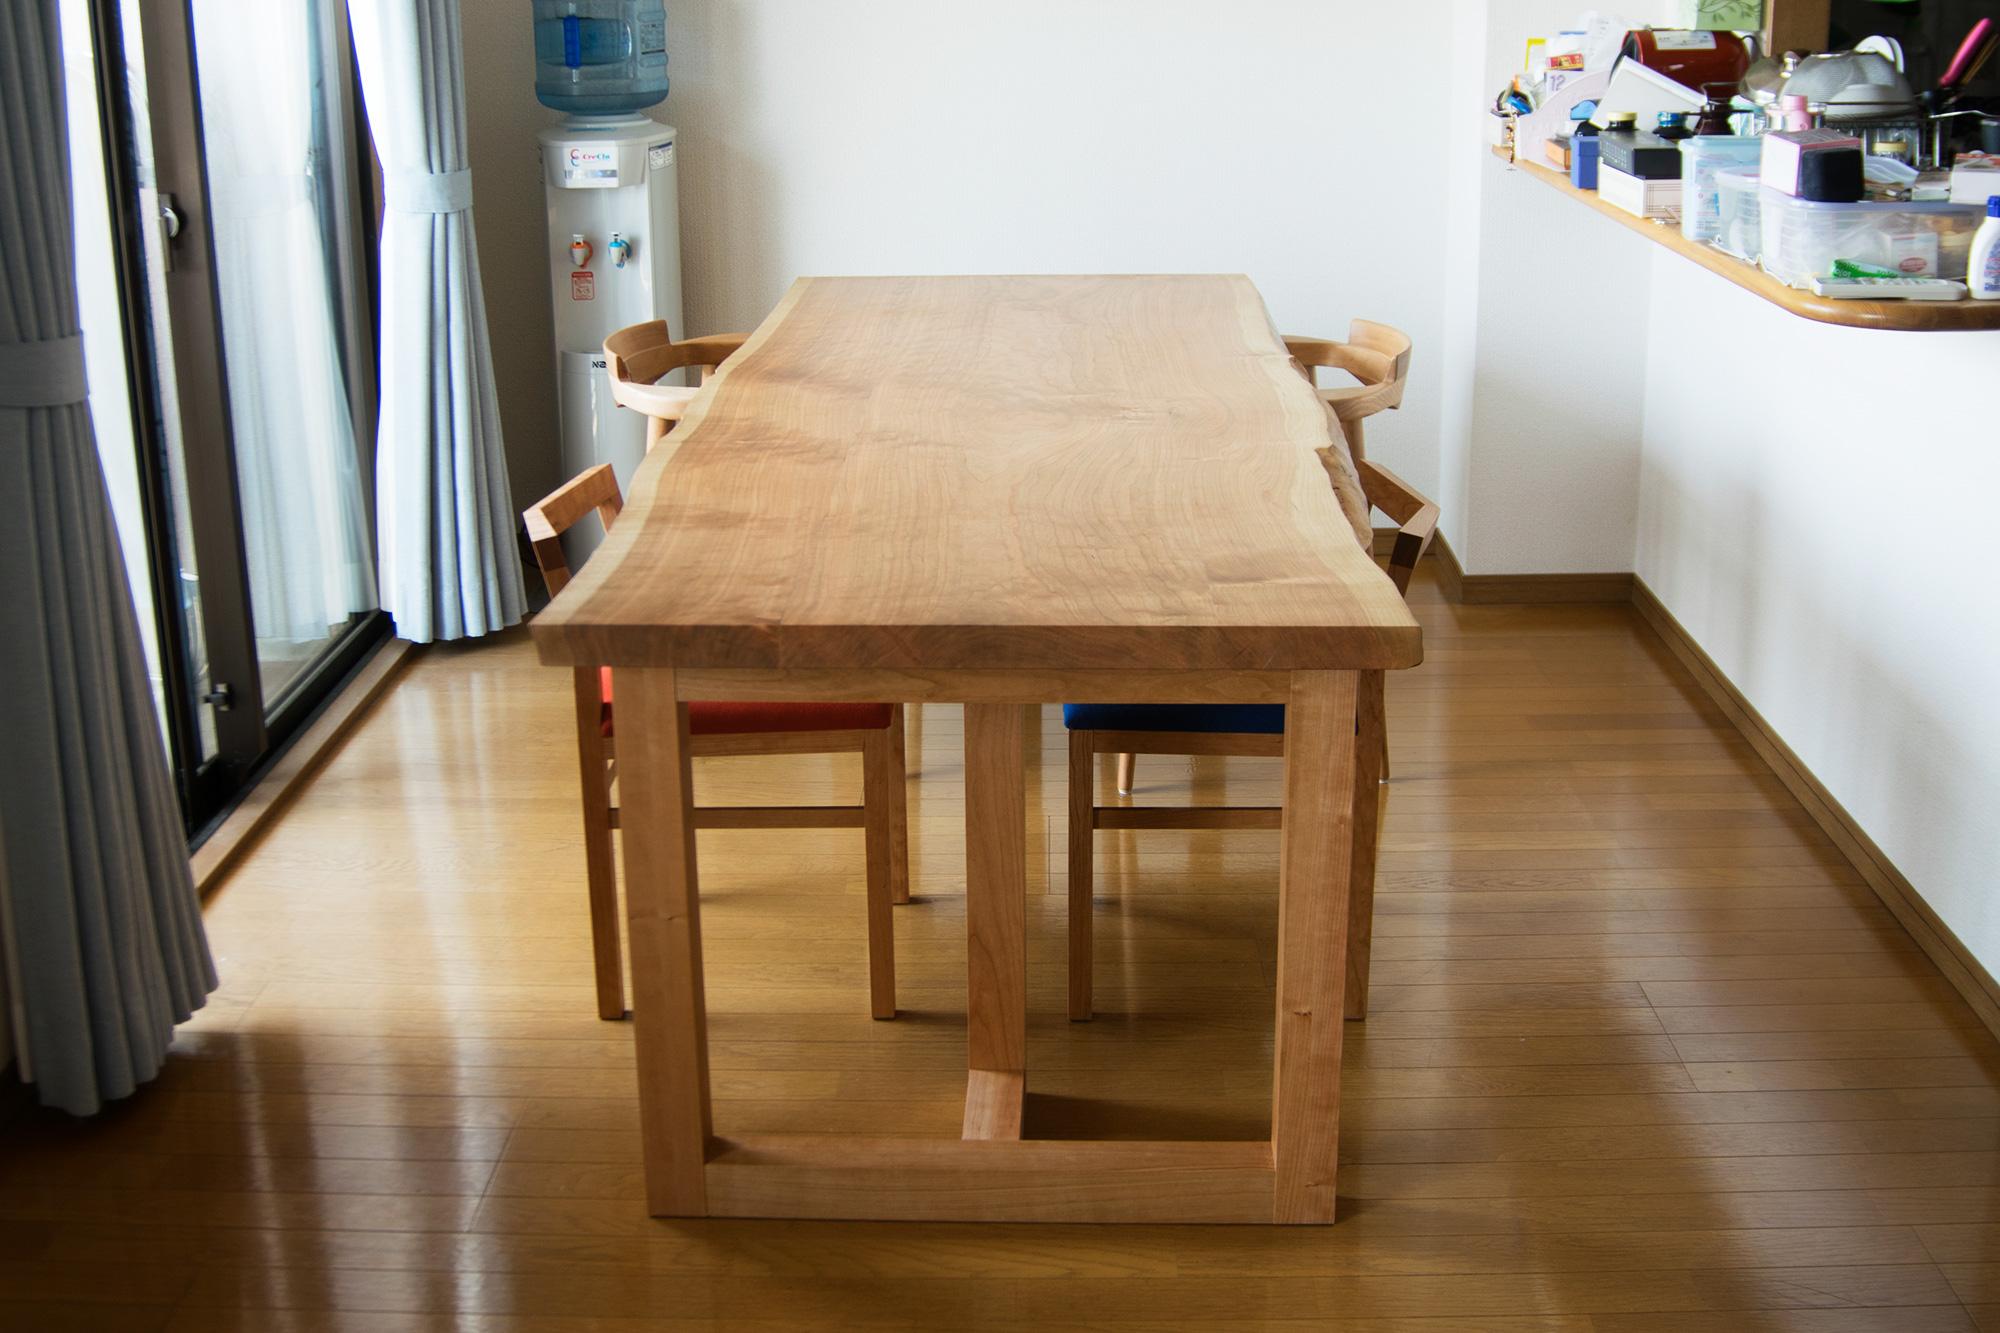 アメリカンチェリー三枚接ぎ天板ダイニングテーブルとピコチェアと亜和座チェア